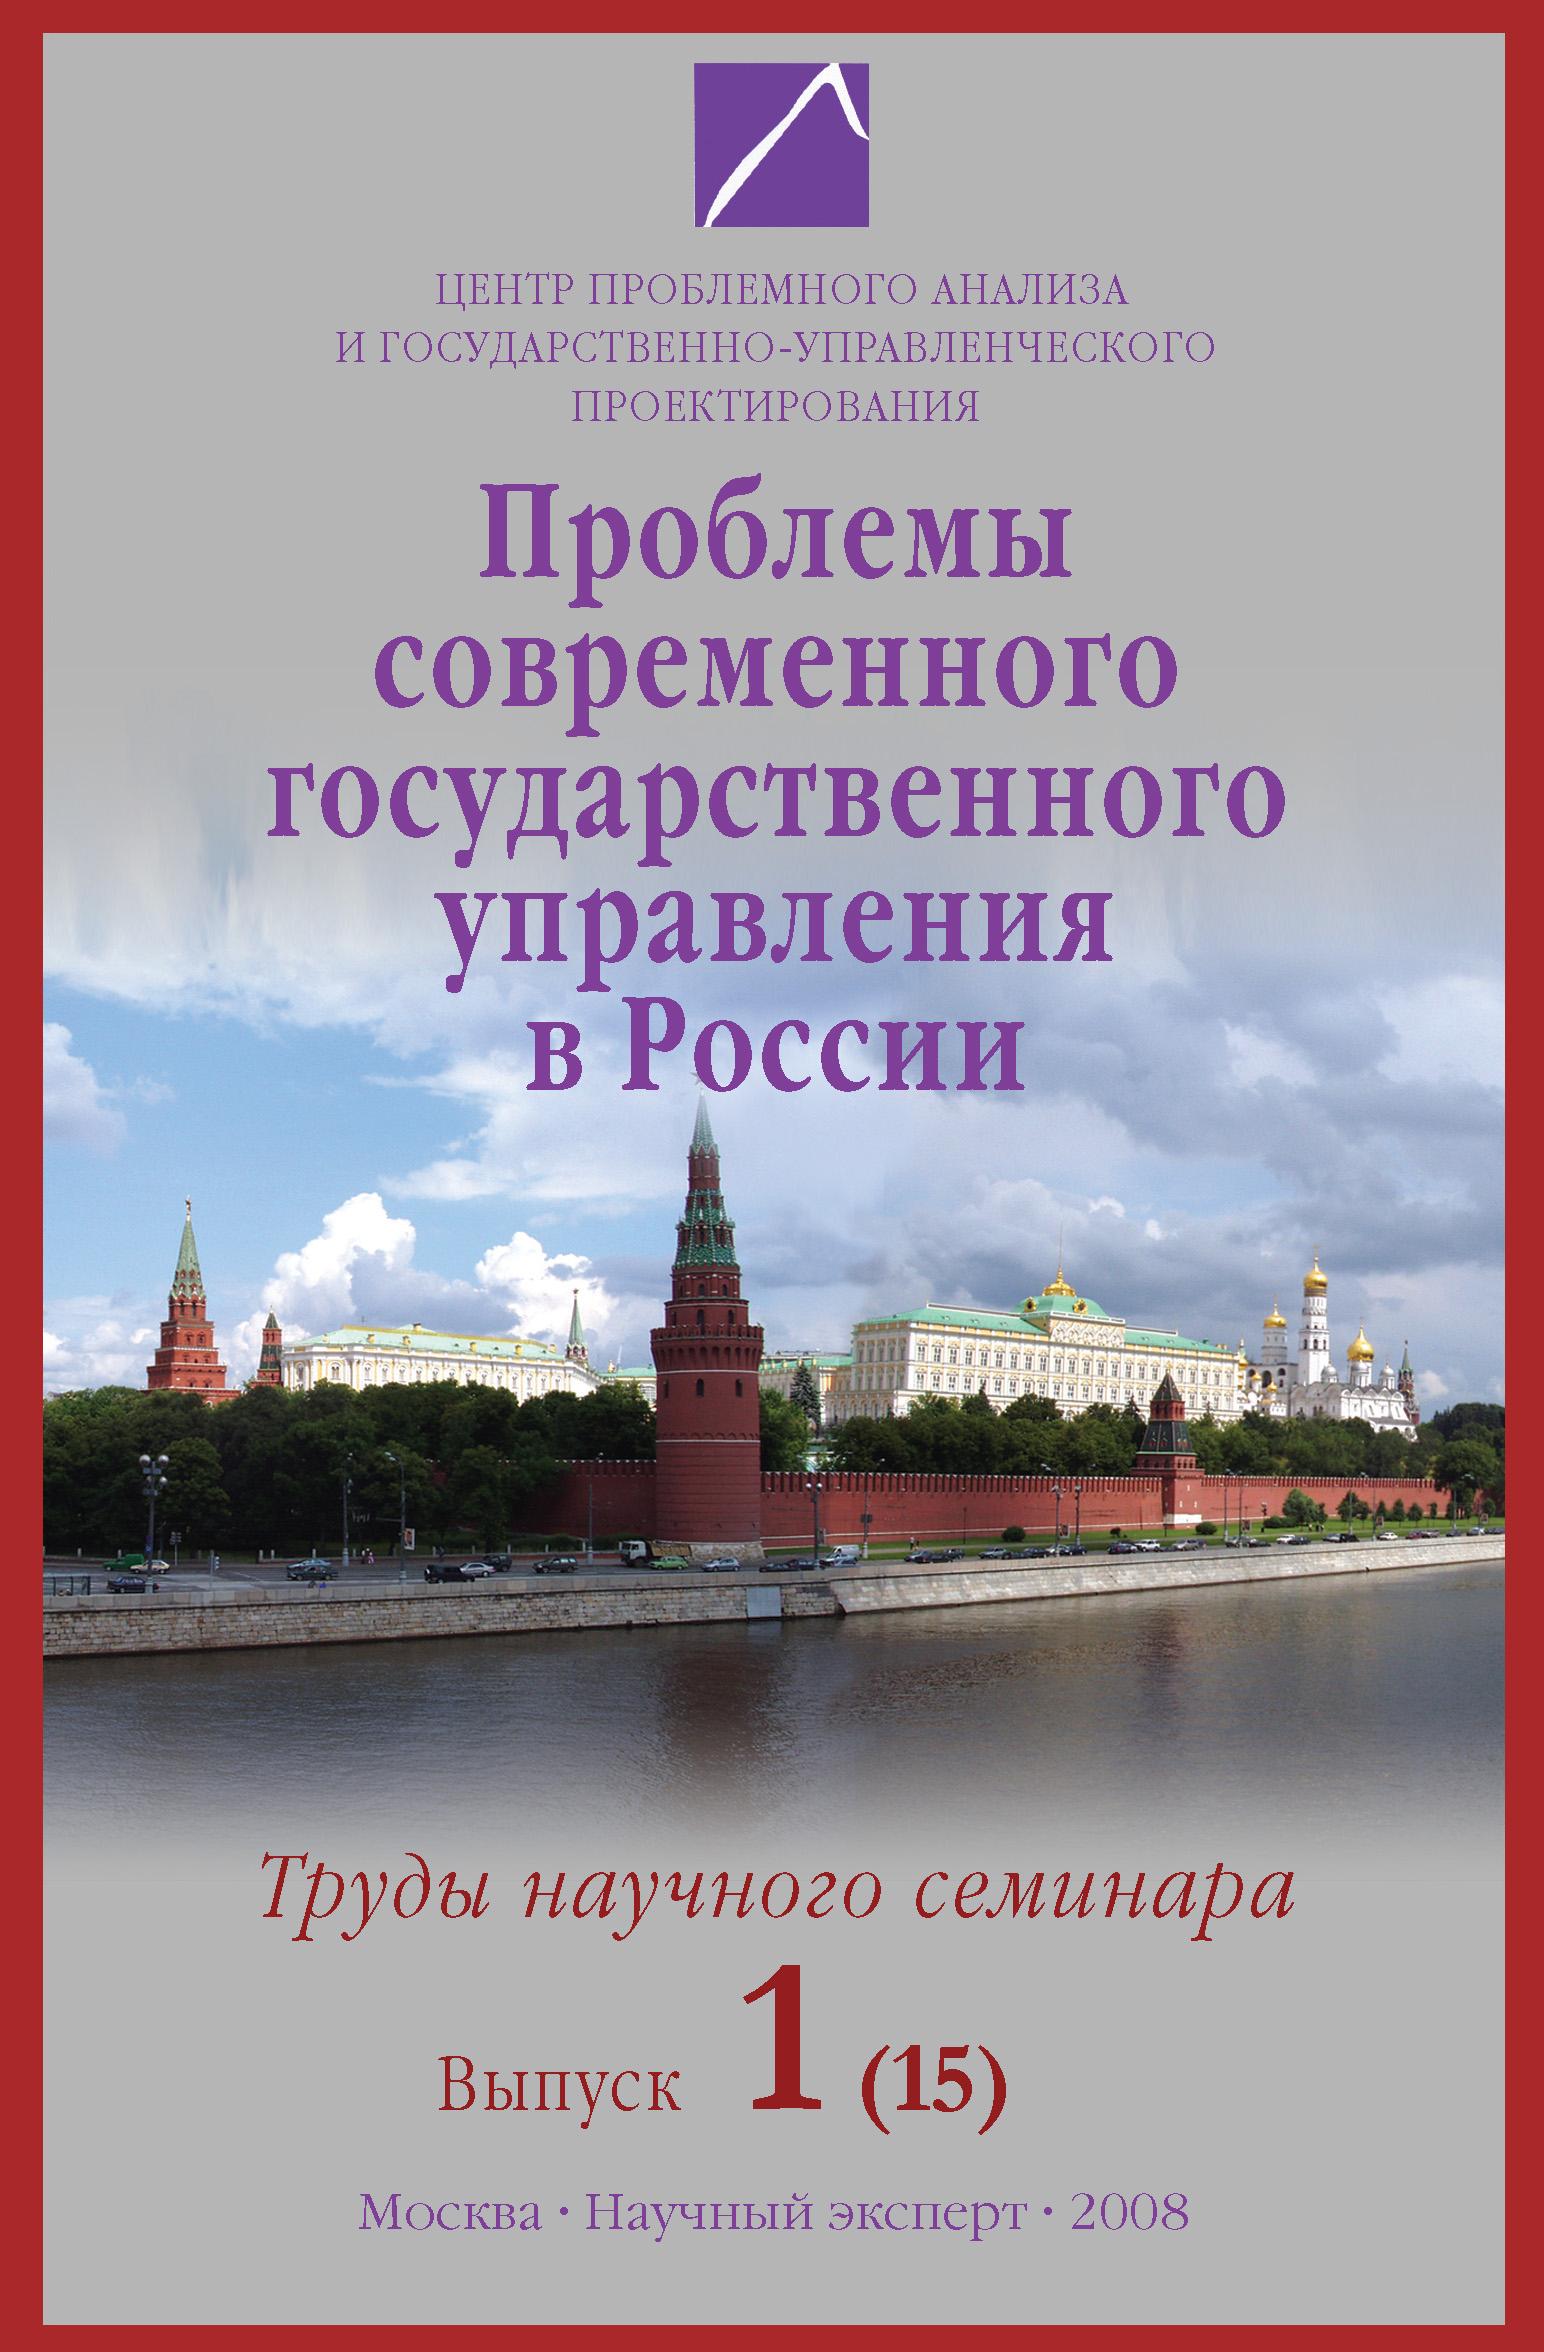 Проблемы современного государственного управления в России. Выпуск №1 (15), 2008